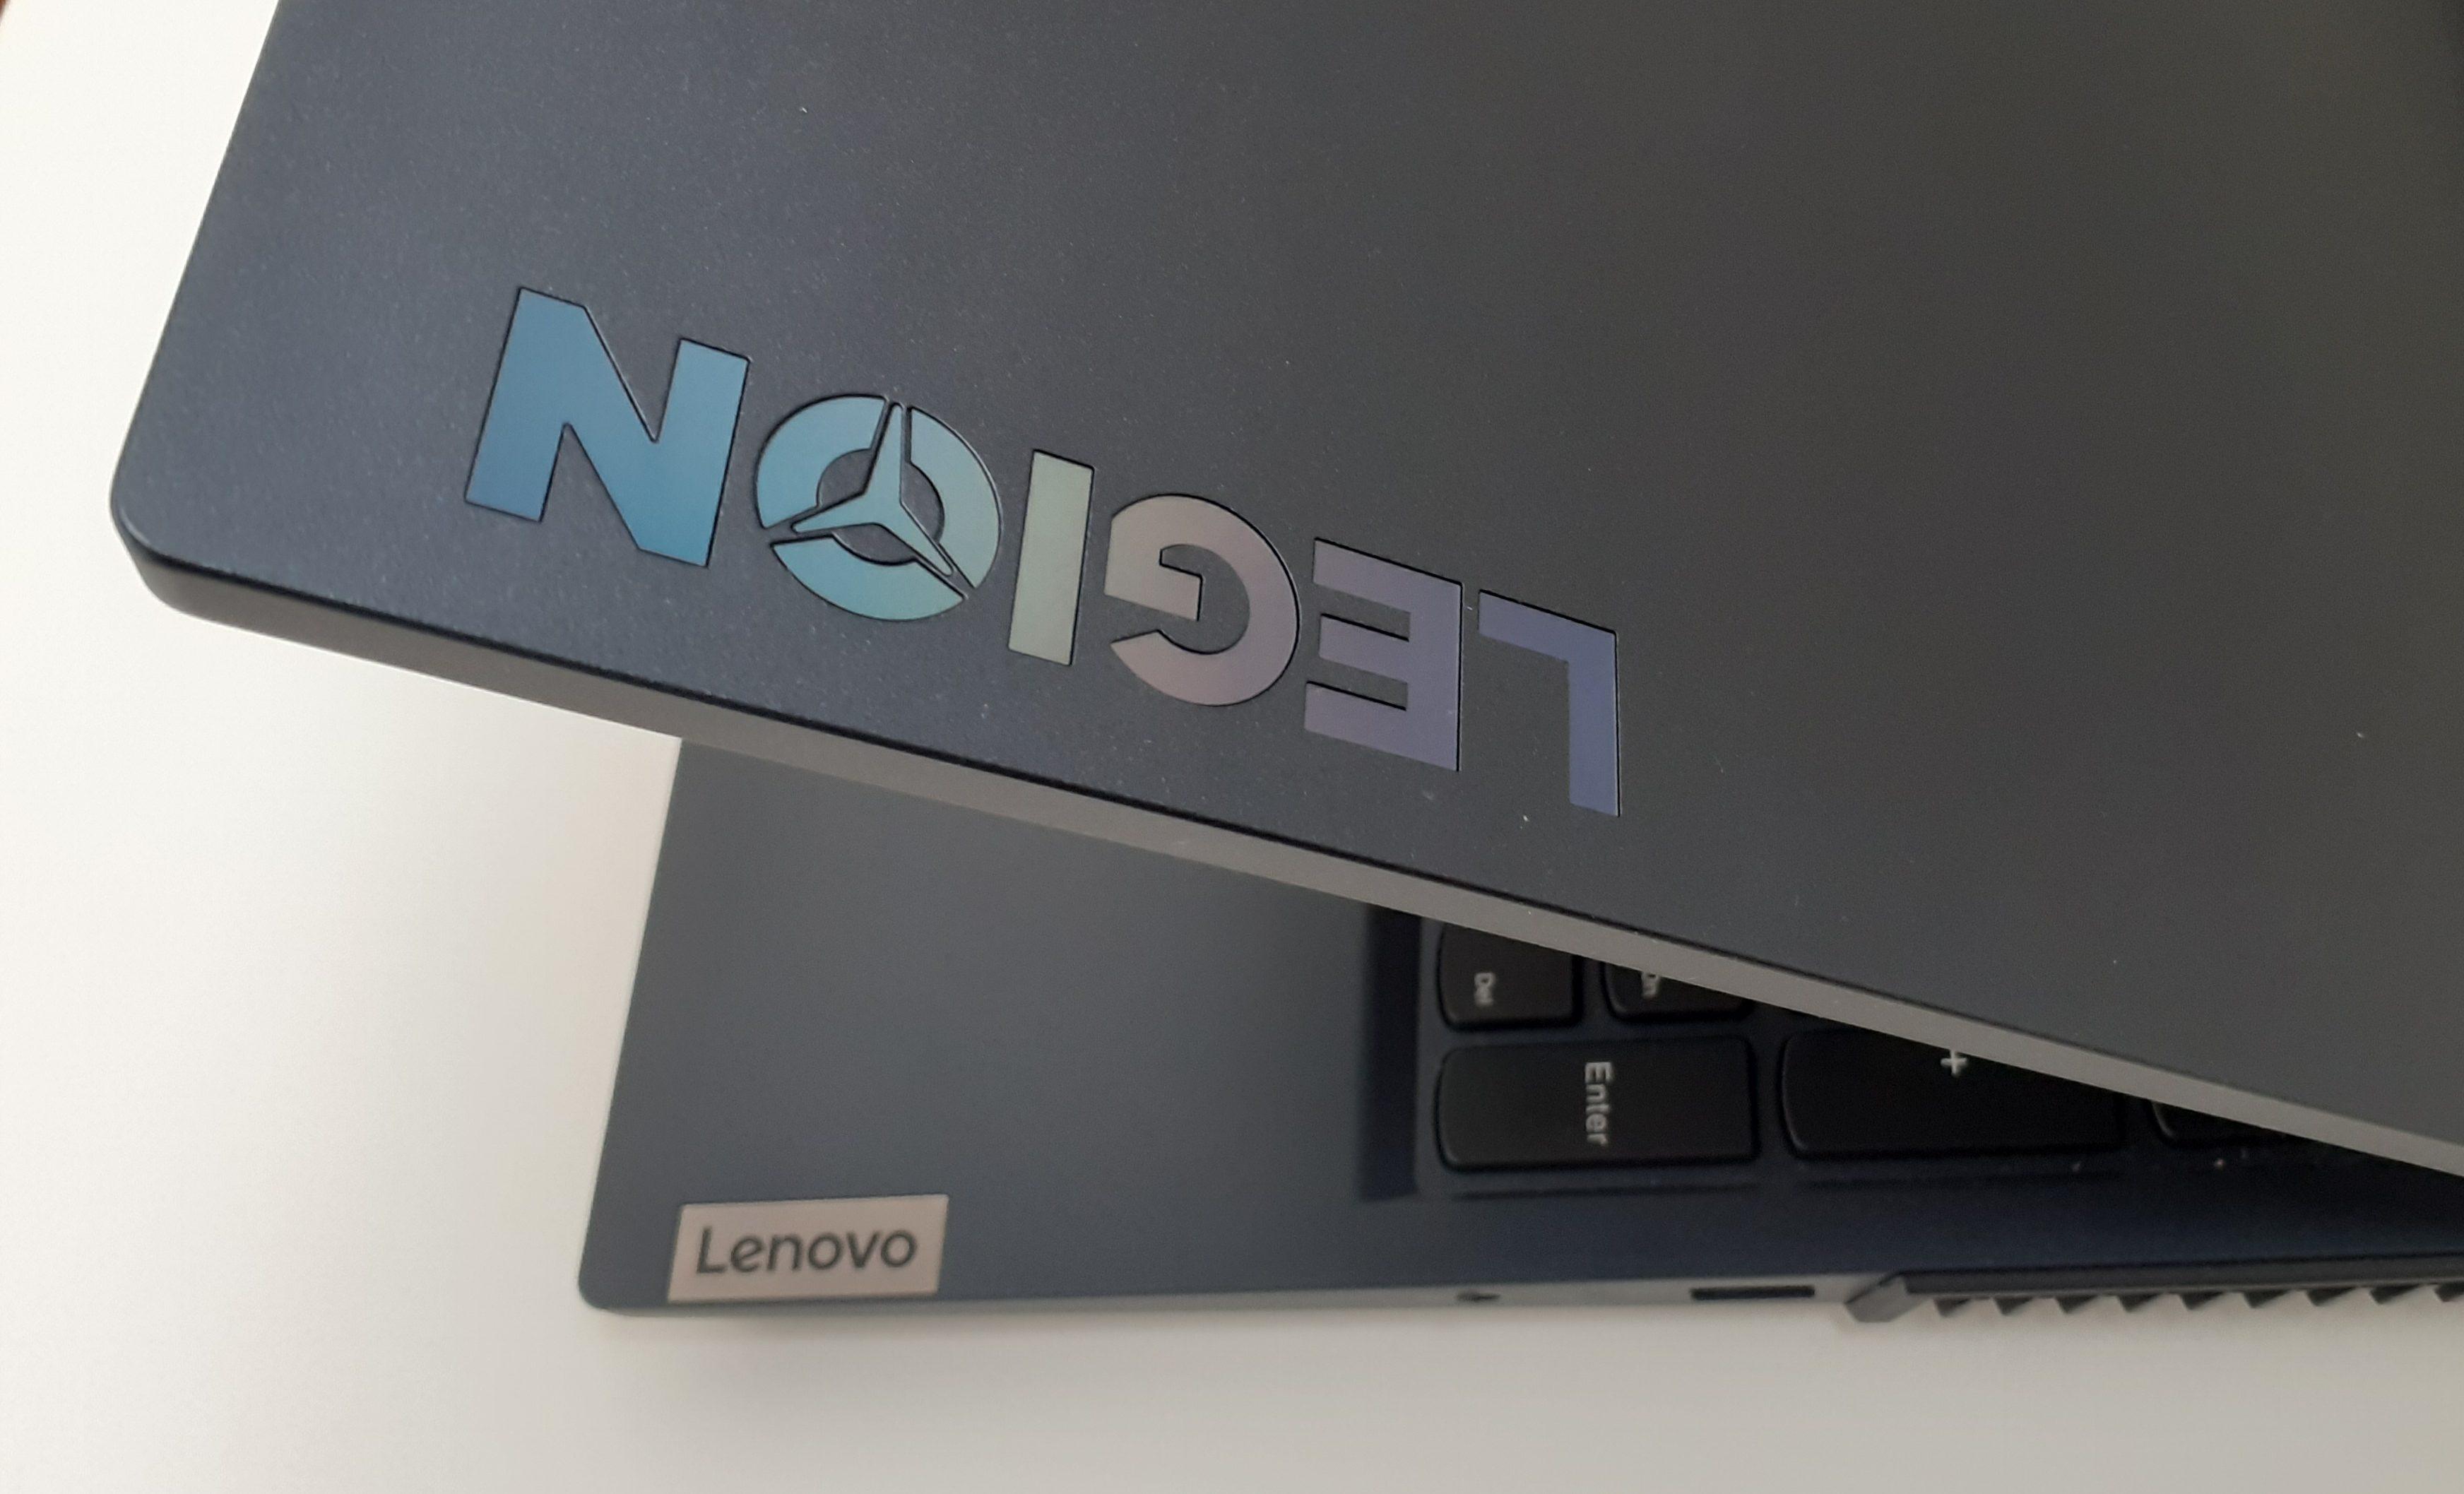 Огляд ігрового ноутбука Lenovo Legion 5 15: що гаджет пропонує геймерам